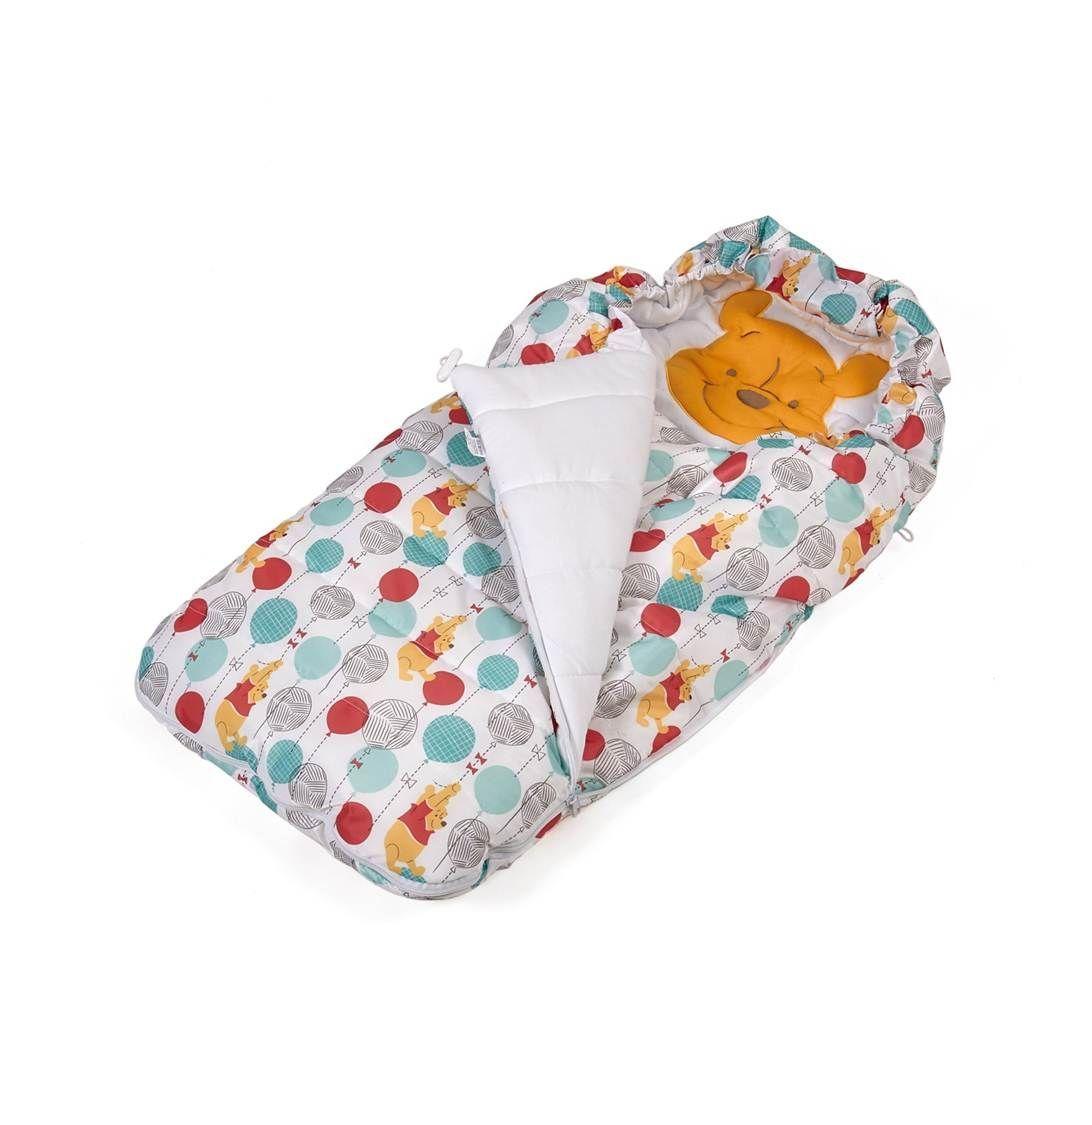 Купить Конверт утепленный Polini kids Disney baby Медвежонок Винни Чудесный день, разноцветный, Комплекты для новорожденных